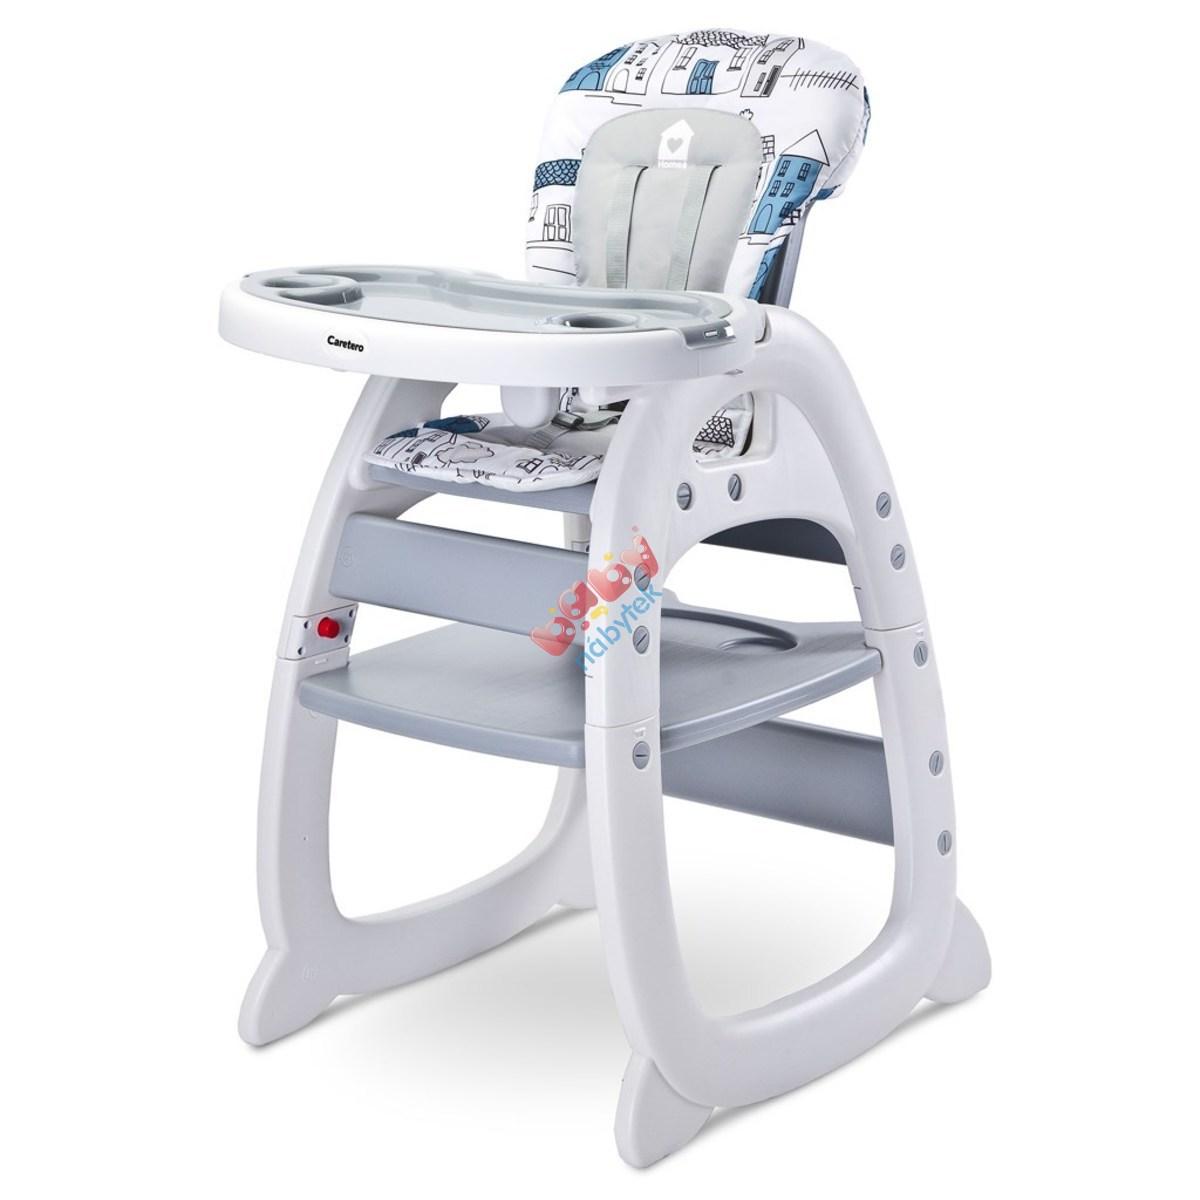 683c44225382 Jedálenská stolička CARETERO HOMEE grey Sivá - Jedálenské stoličky ...